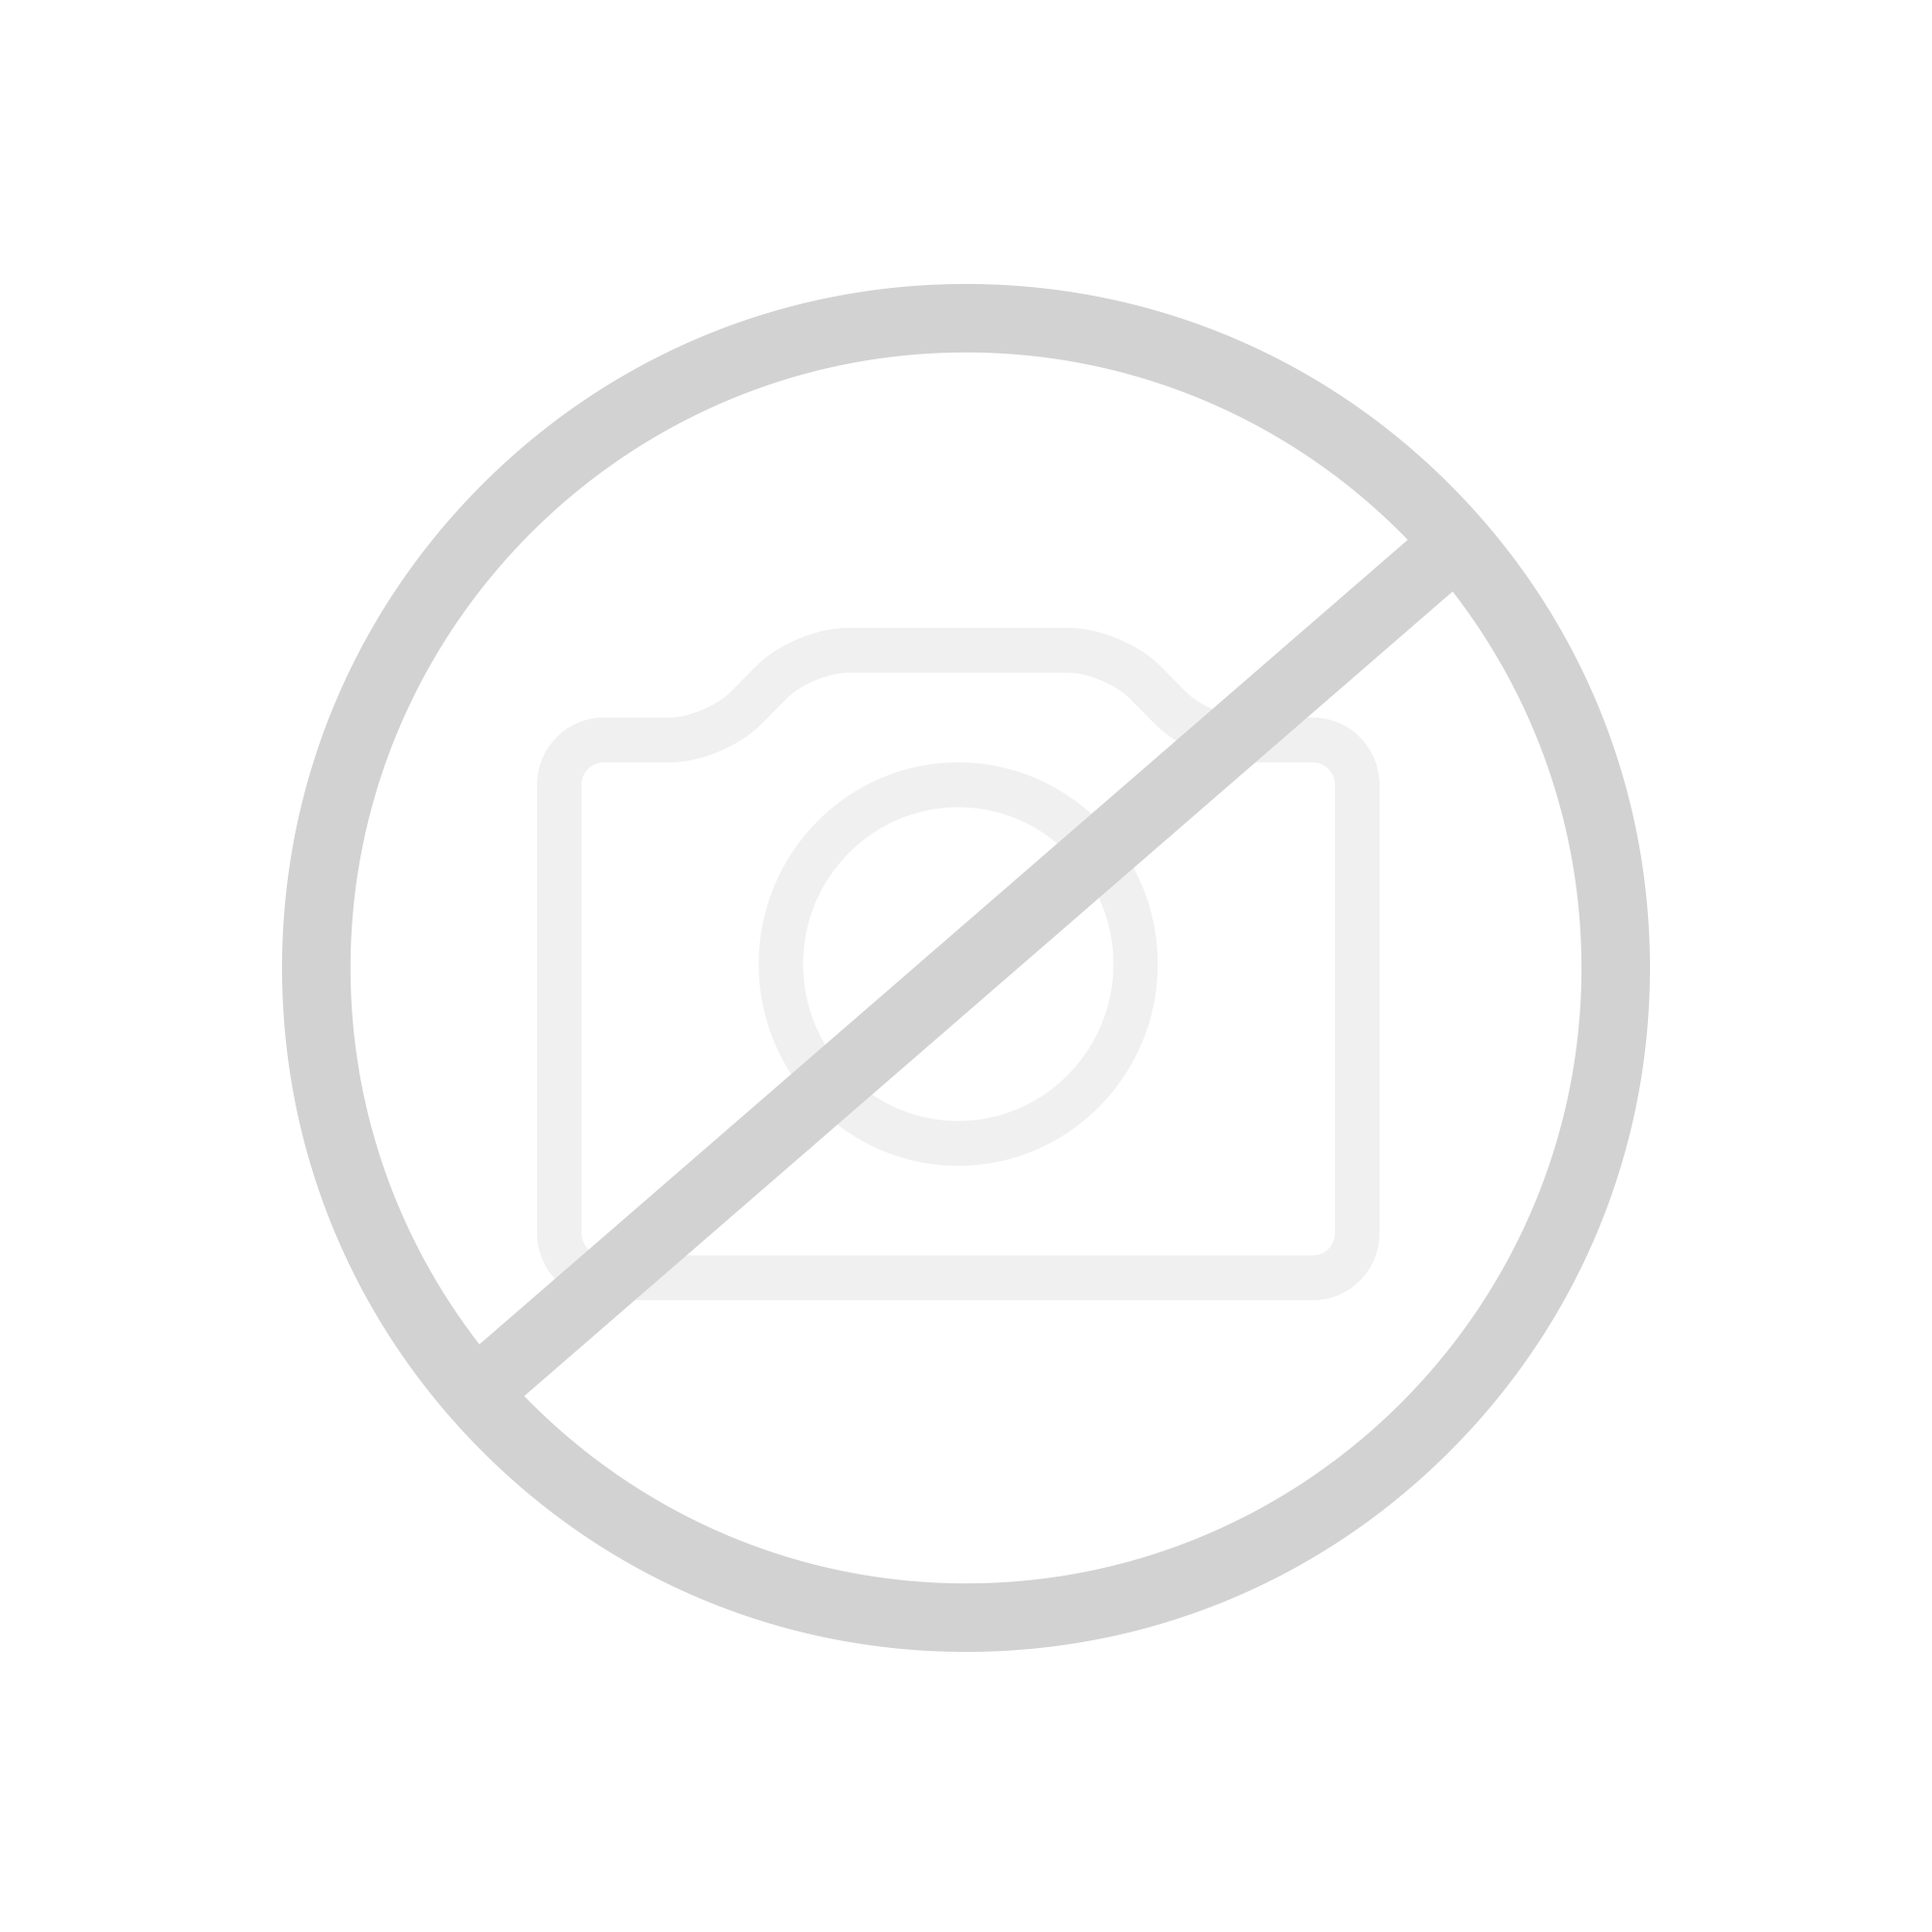 antoniolupi Ayati AY400 Eingriffmischer für Bidet edelstahl satiniert